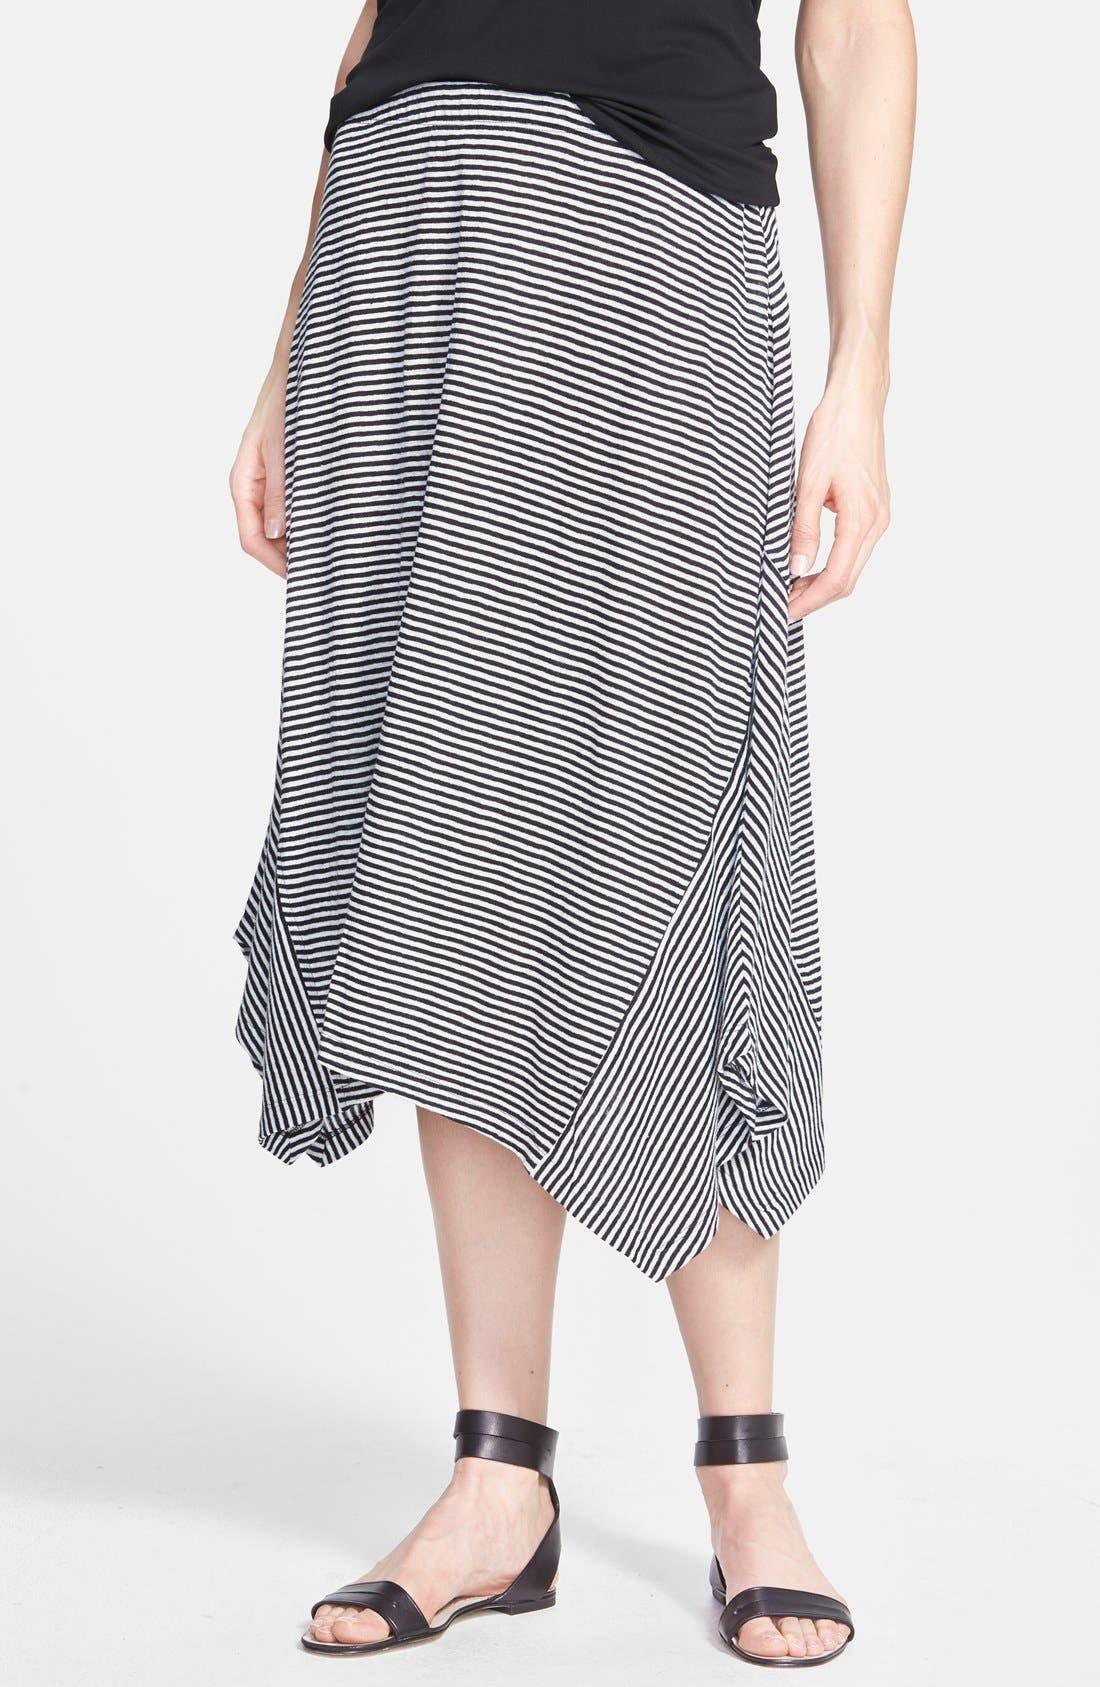 Alternate Image 1 Selected - Eileen Fisher Stripe Organic Linen Skirt (Regular & Petite)